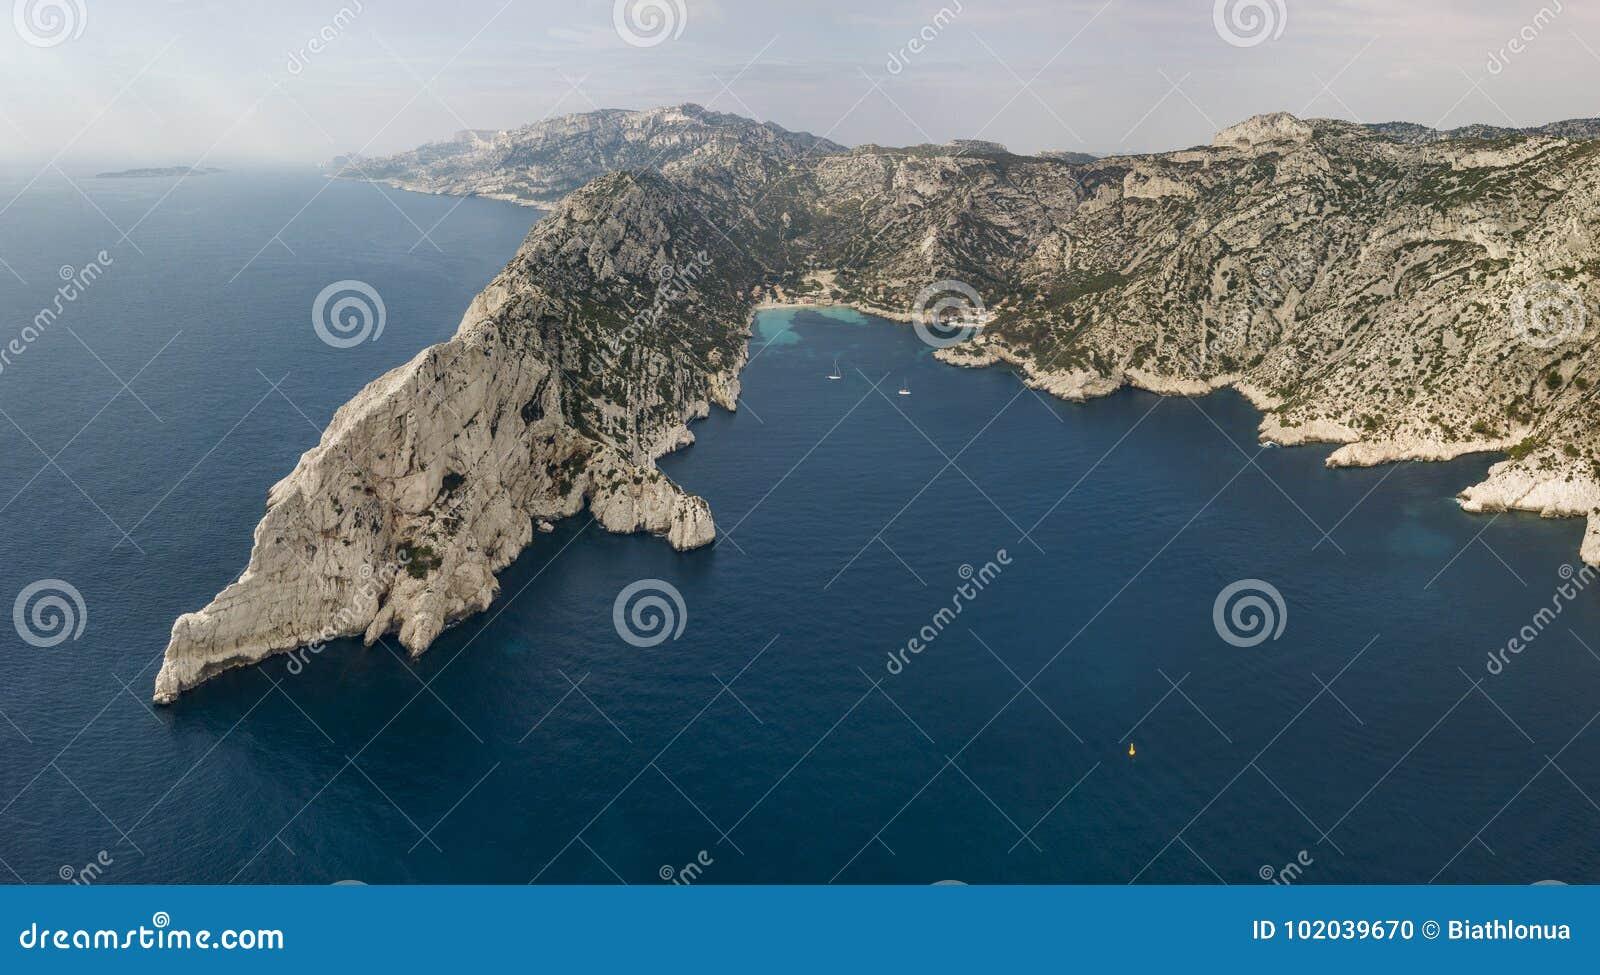 Vista aérea del parque nacional de Calanques en la costa meridional de Francia